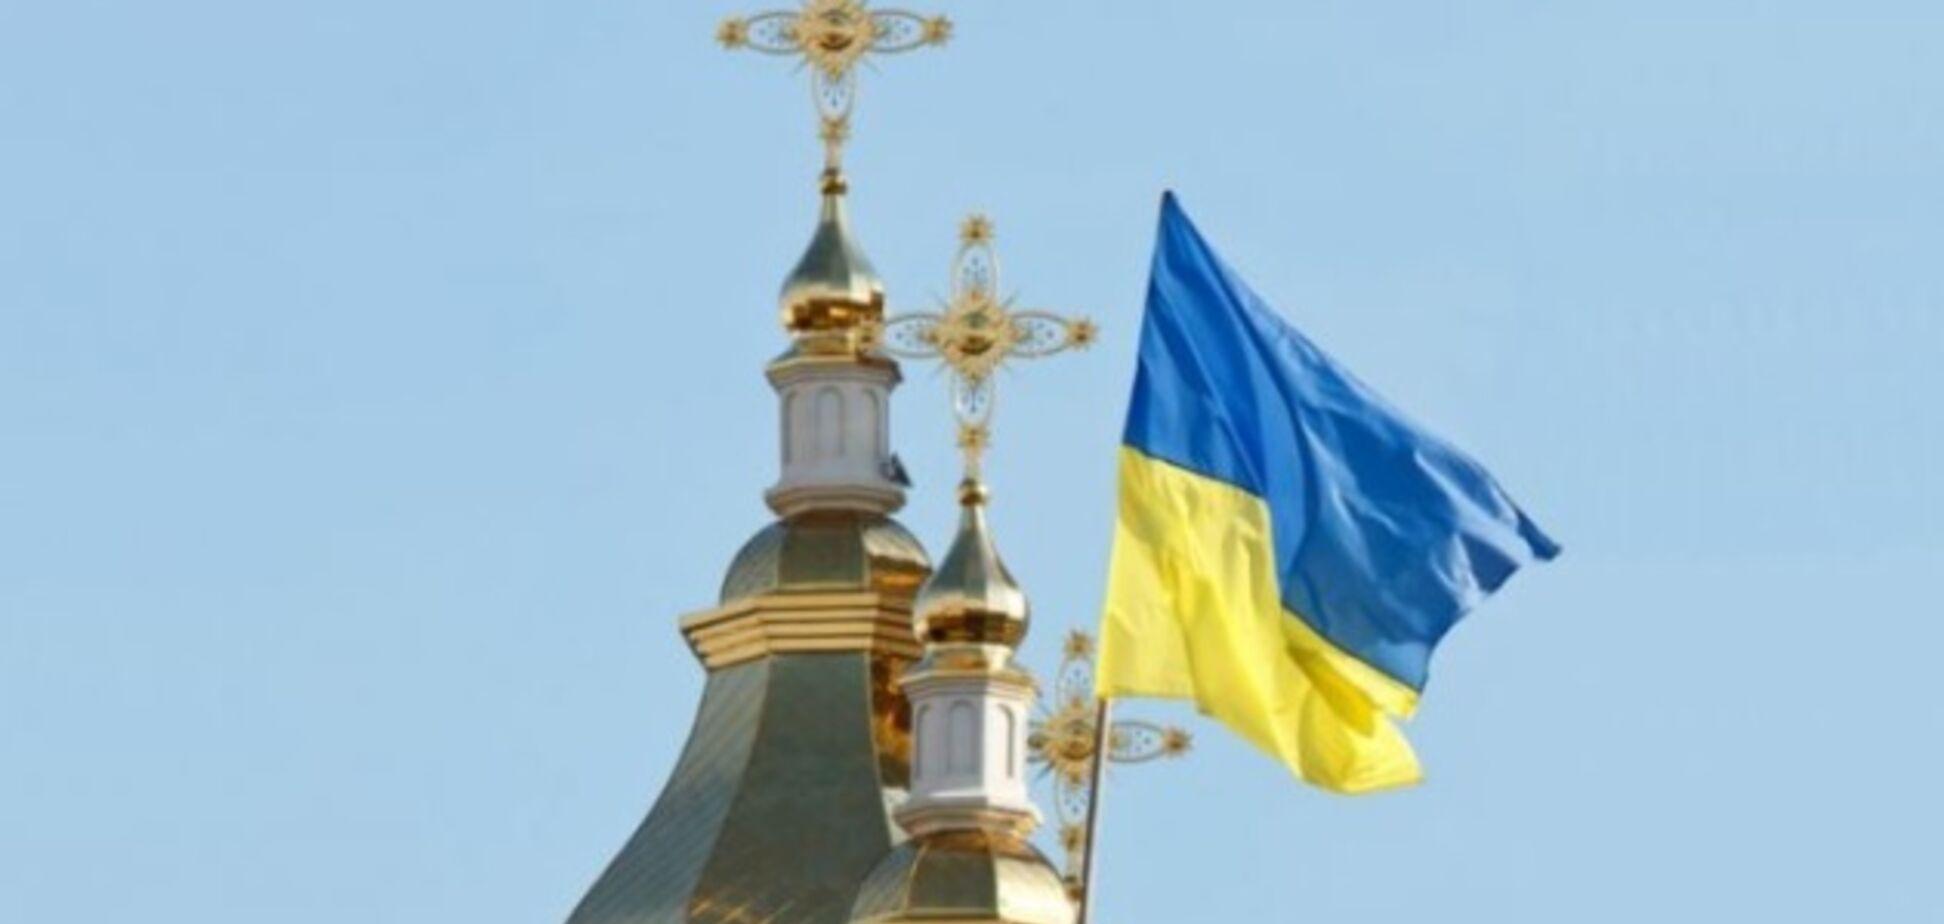 Объединительный Собор в Украине: у Порошенко озвучили важный нюанс